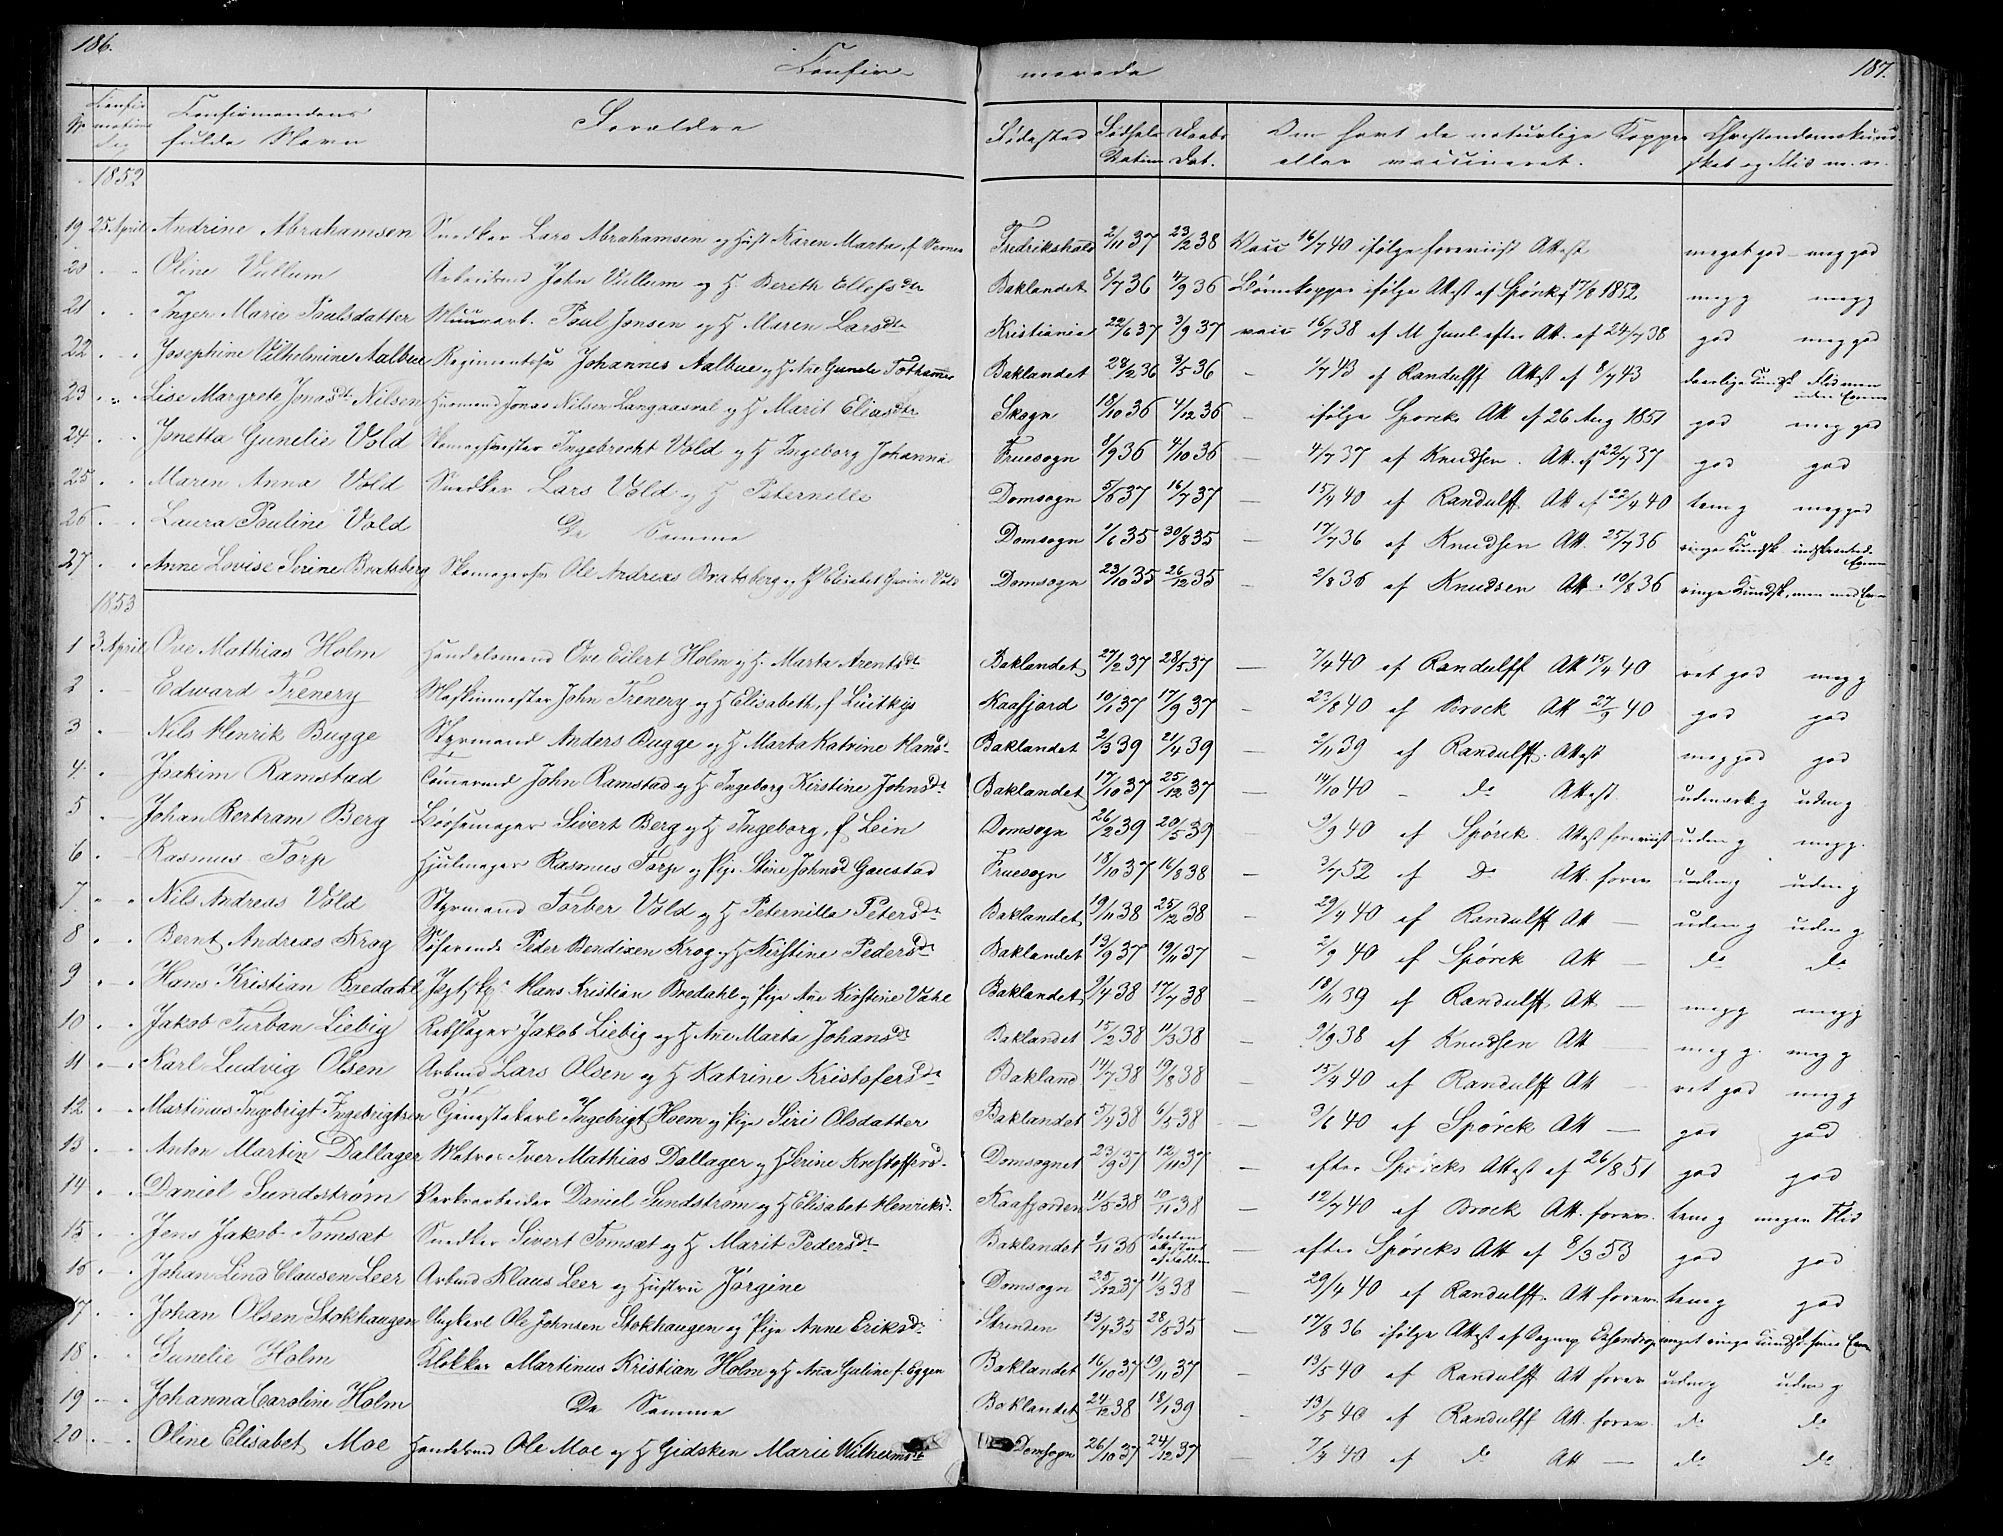 SAT, Ministerialprotokoller, klokkerbøker og fødselsregistre - Sør-Trøndelag, 604/L0219: Klokkerbok nr. 604C02, 1851-1869, s. 186-187